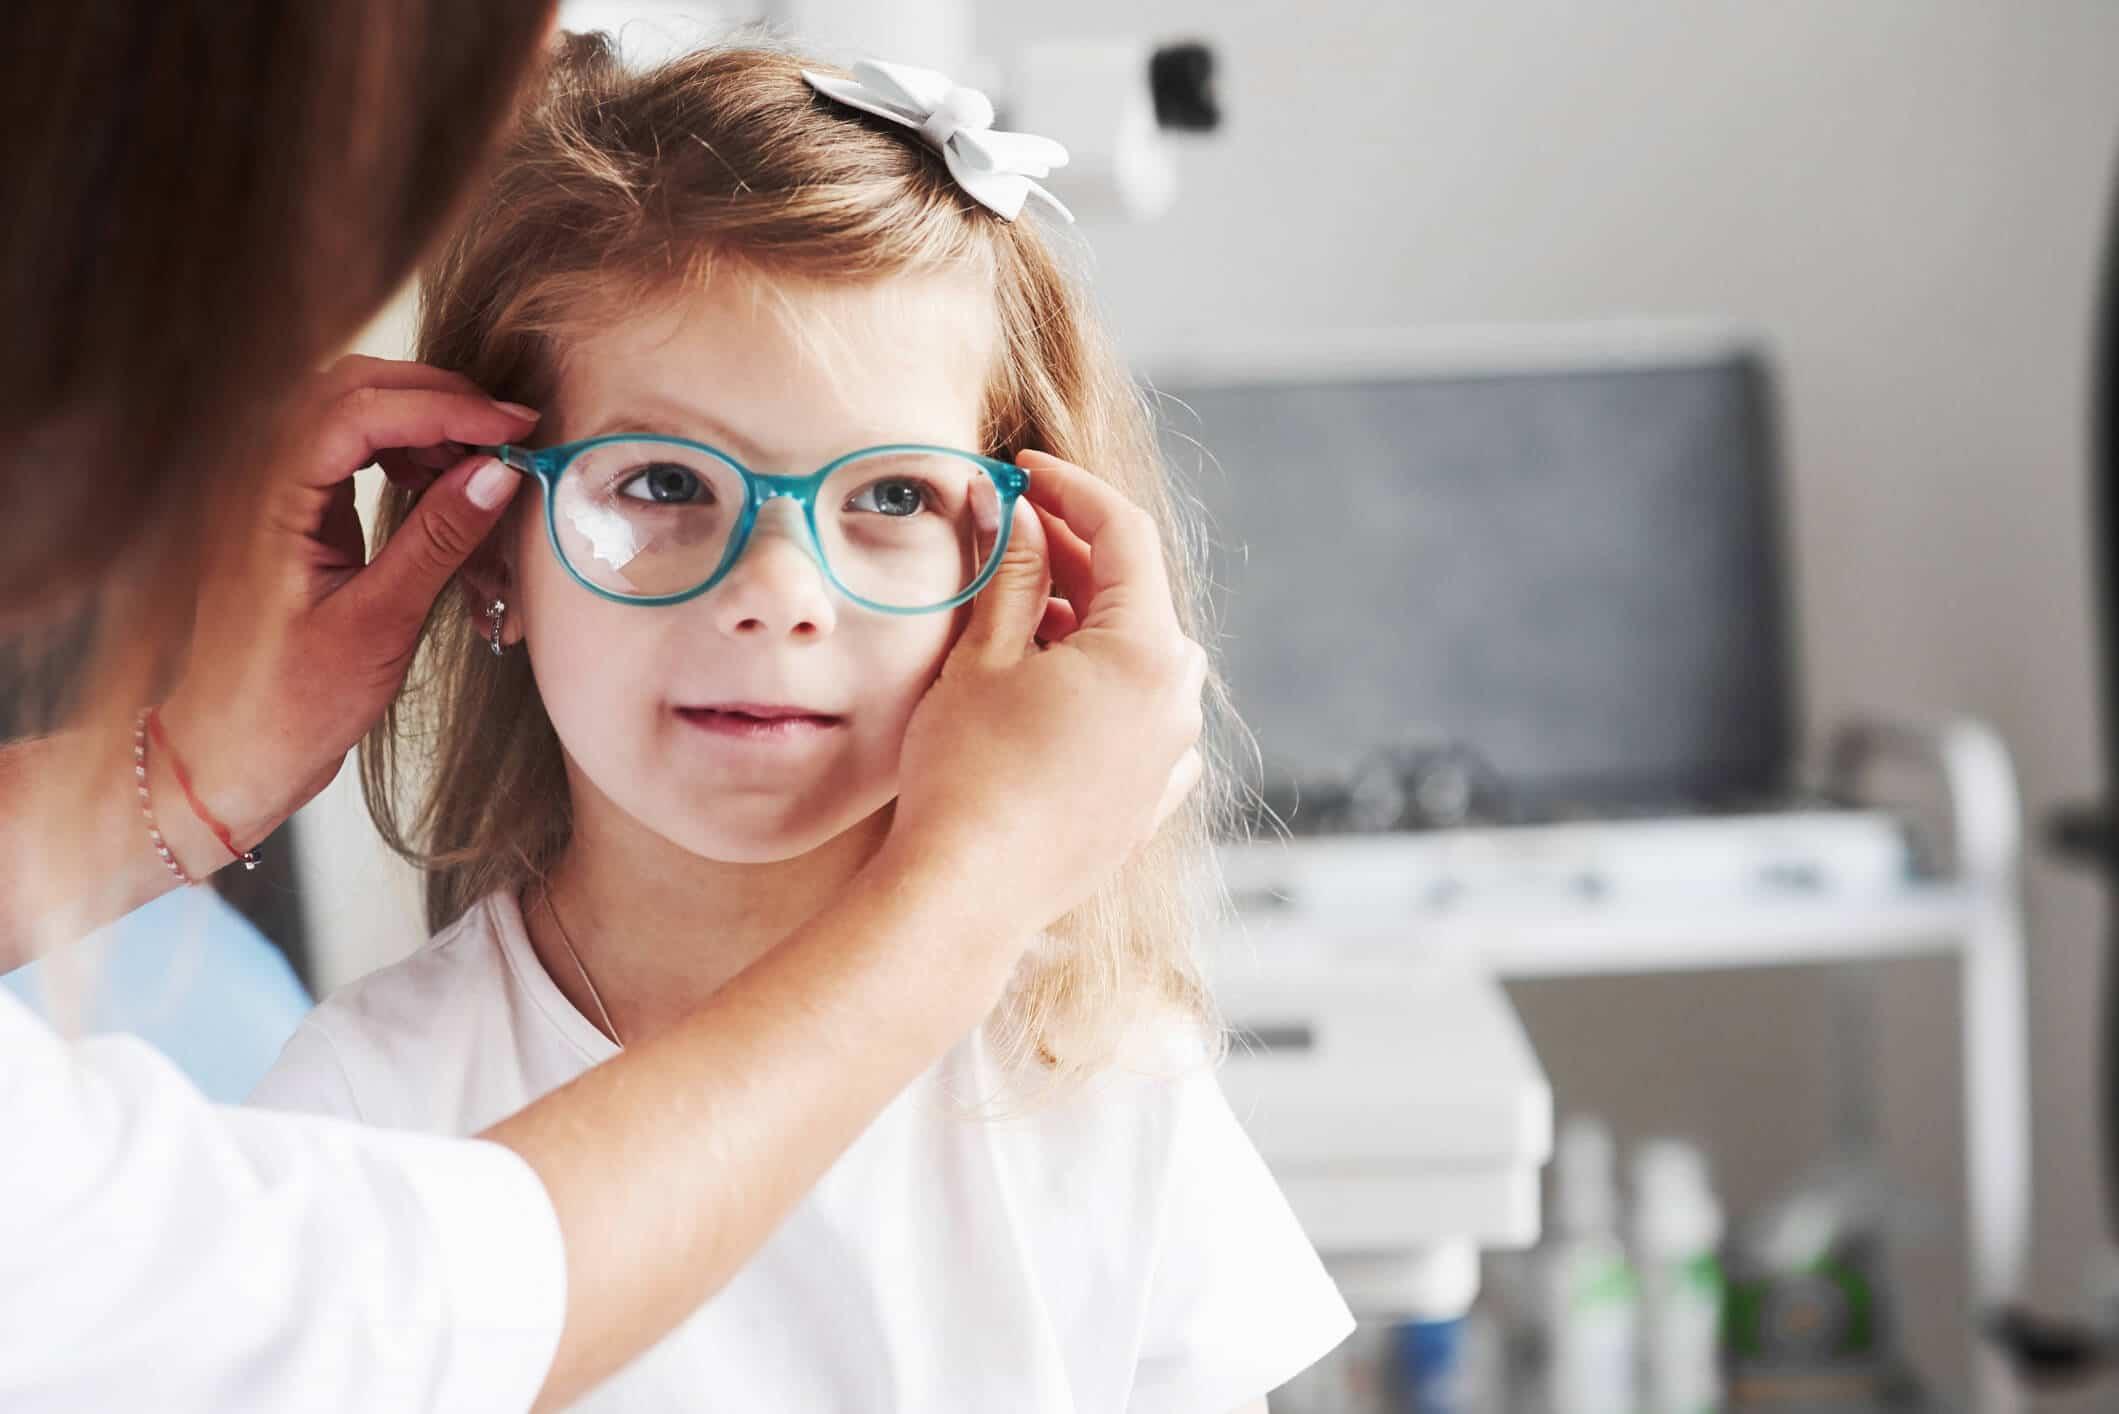 Problemas de Visión en Niños y Enfermedades Habituales